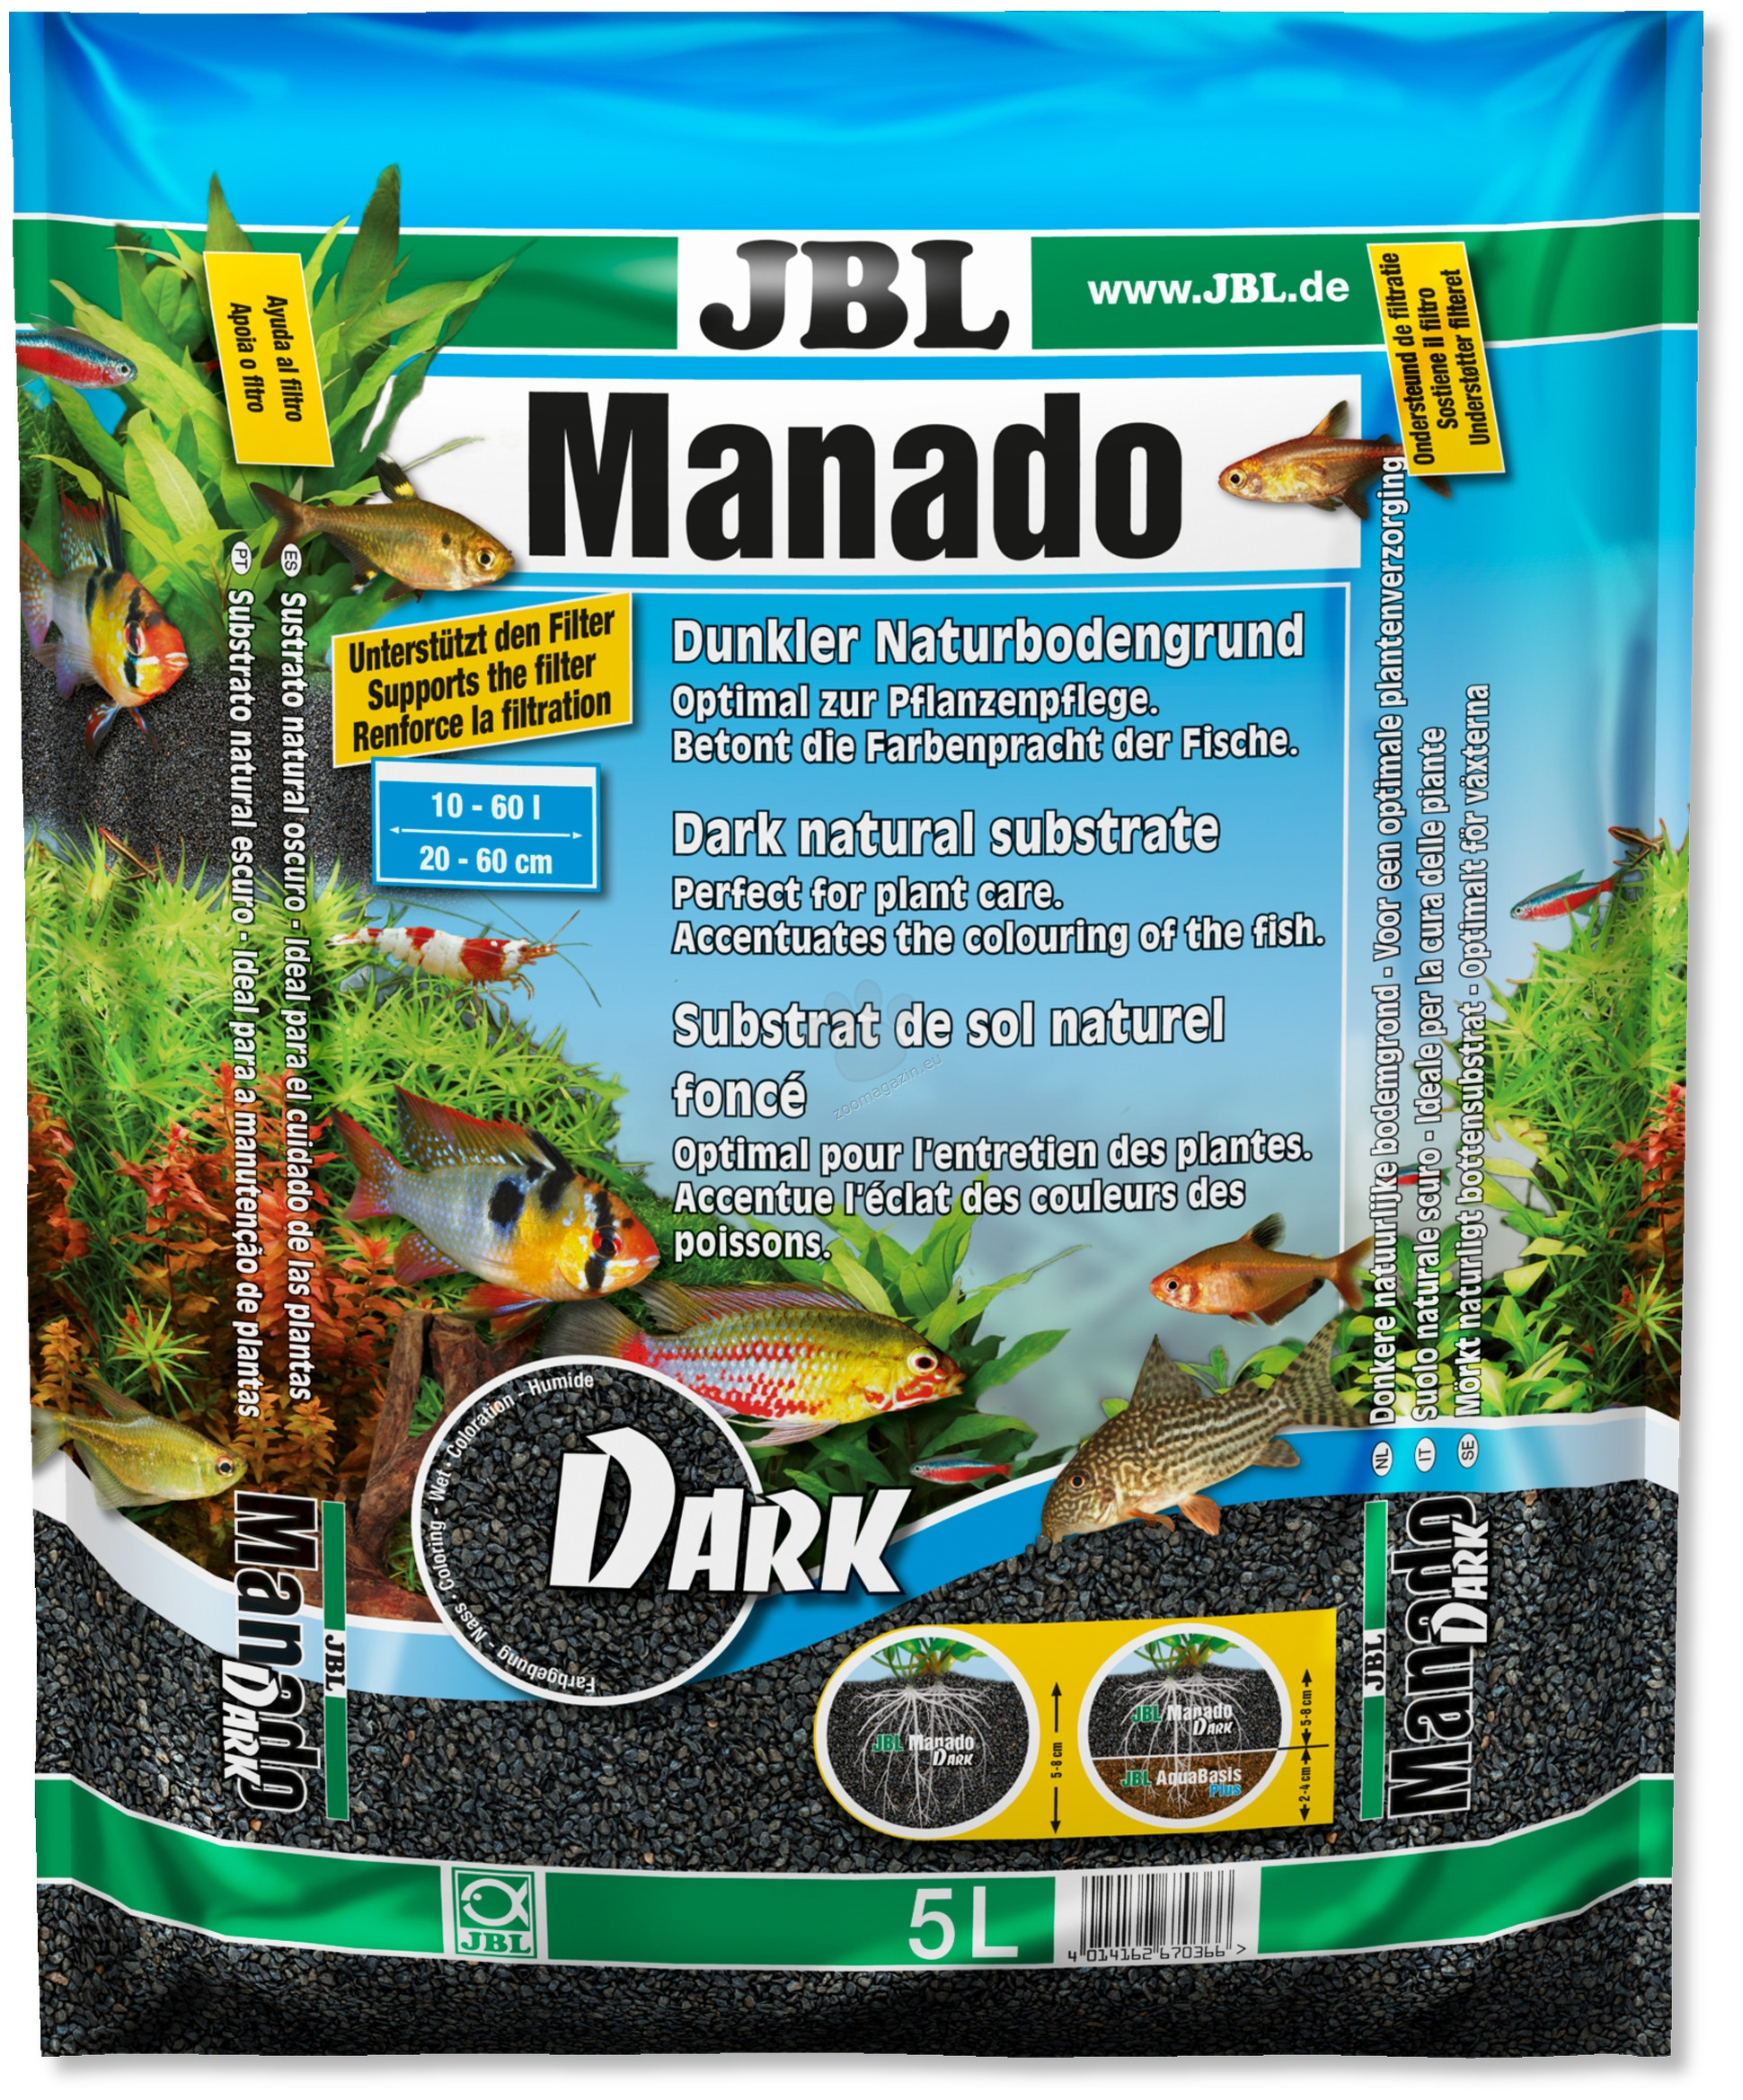 JBL Manado Dark - натурален субстрат за филтрация на водата и подхранване растежа на растенията в аквариума 3 литра